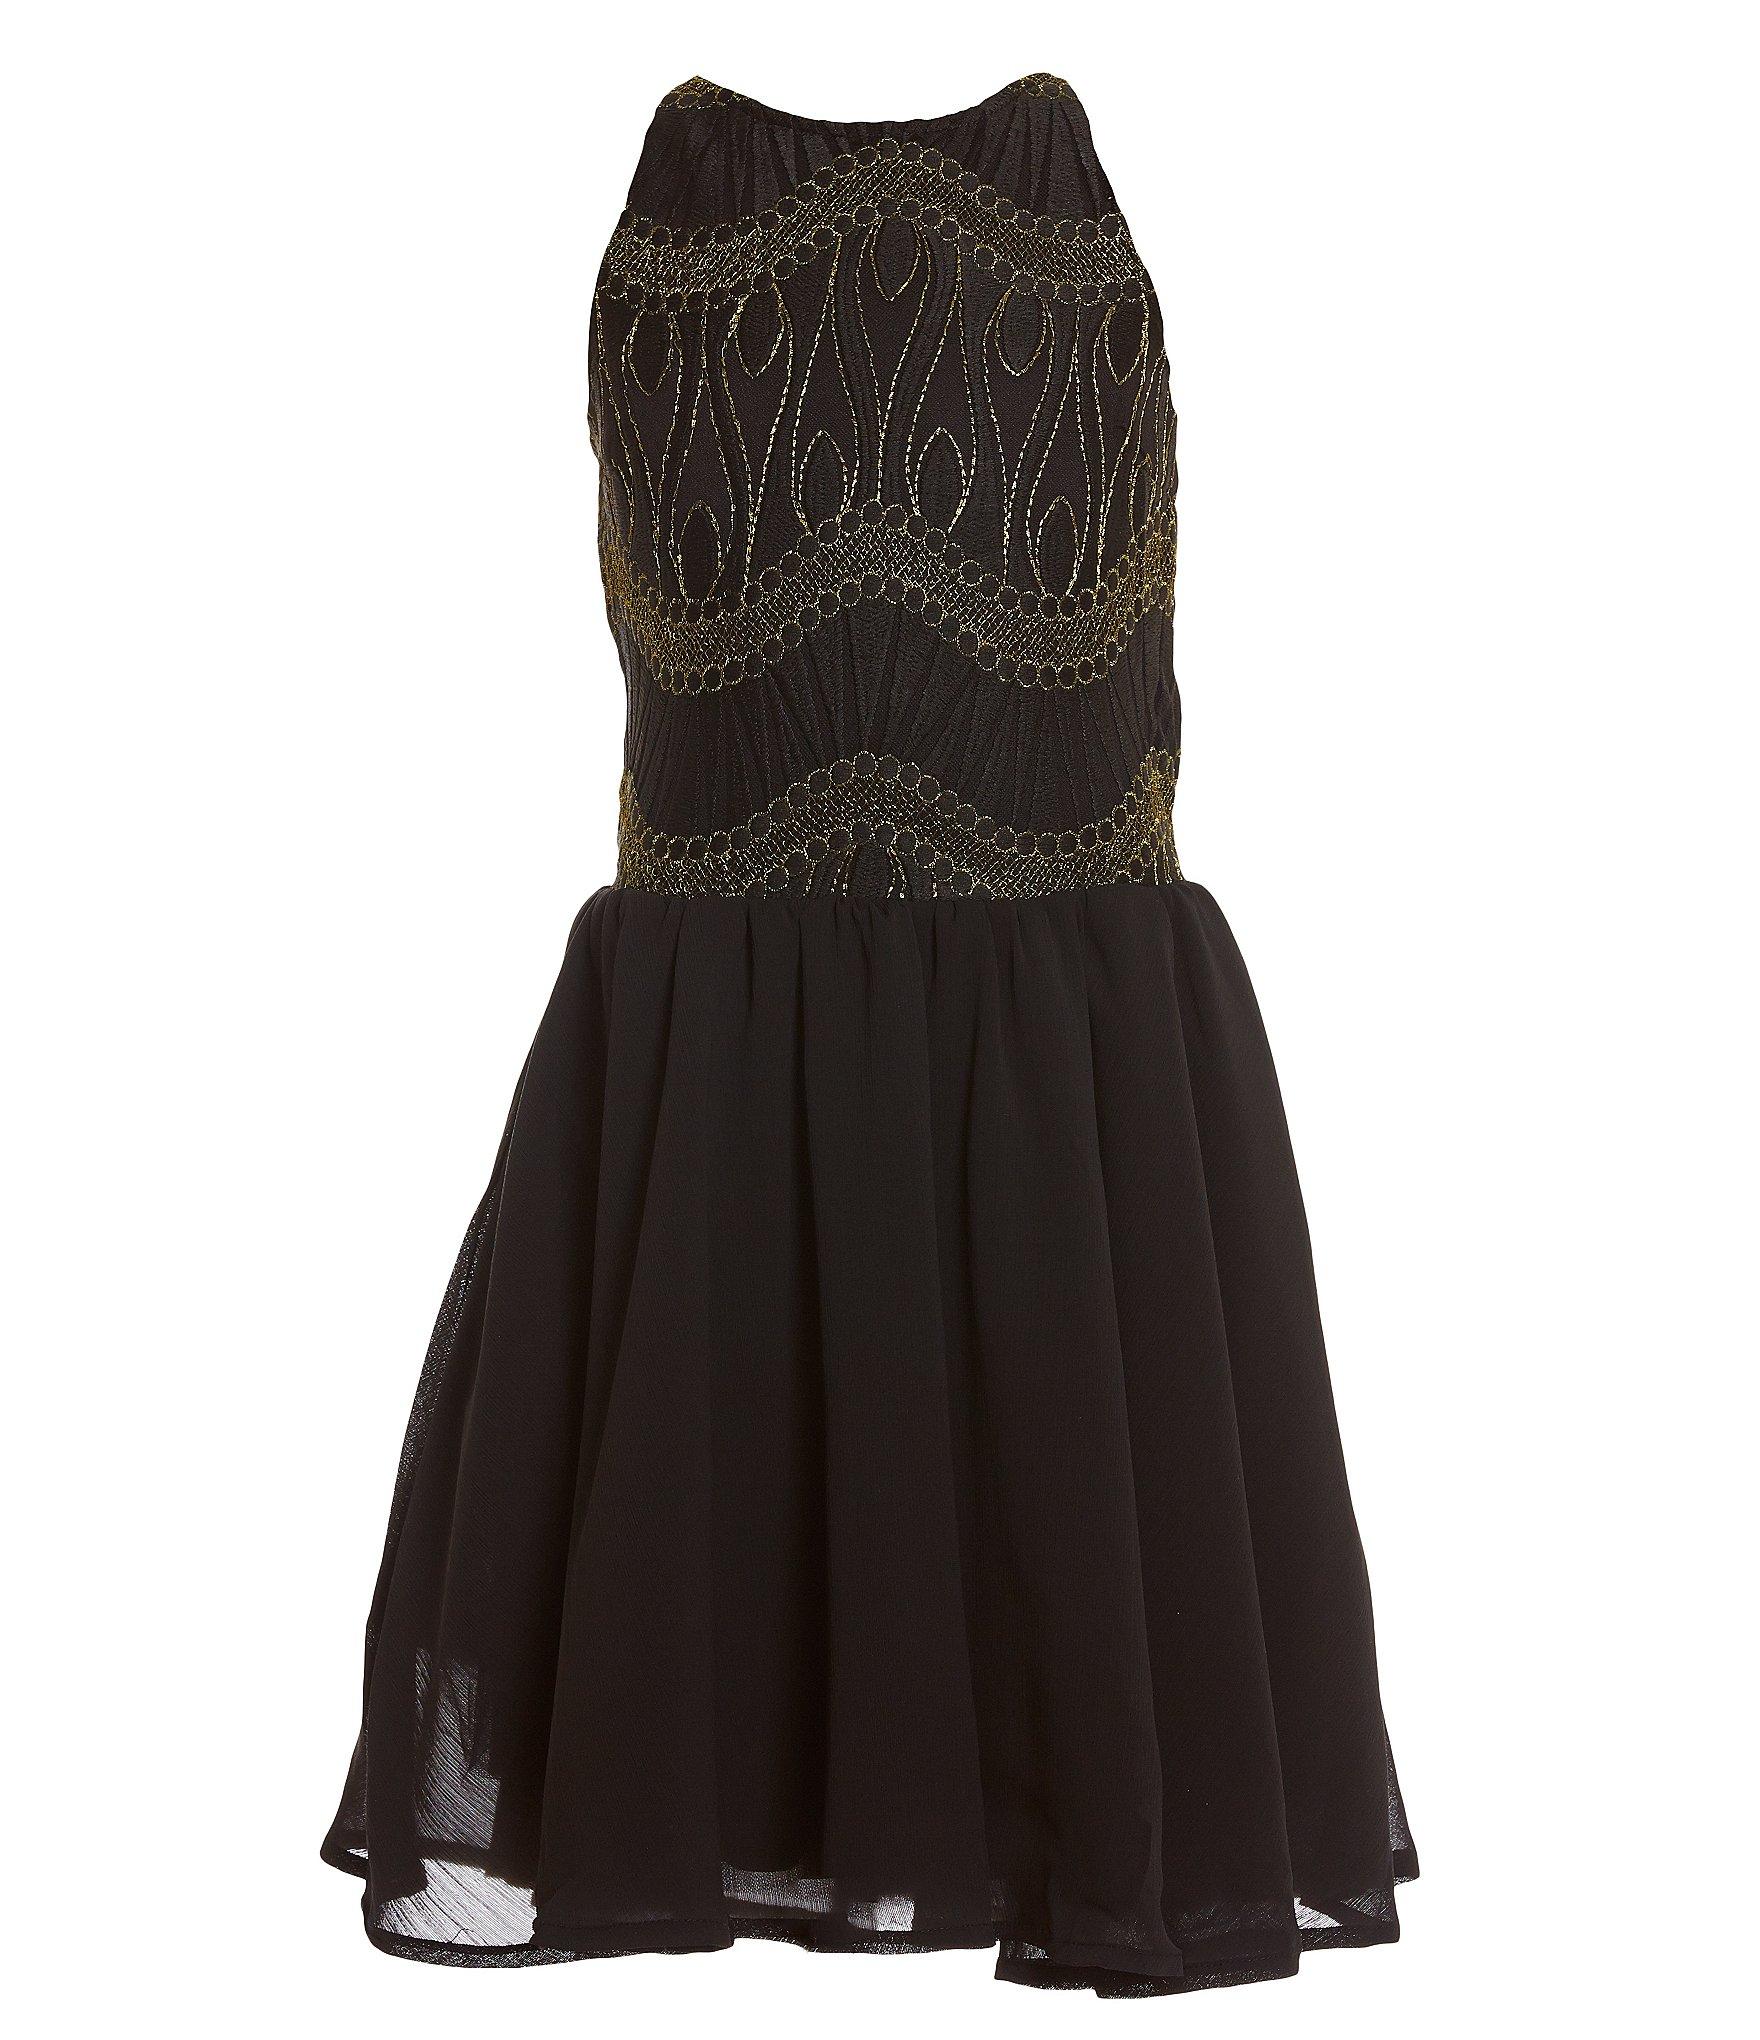 Black dress age 8 fl